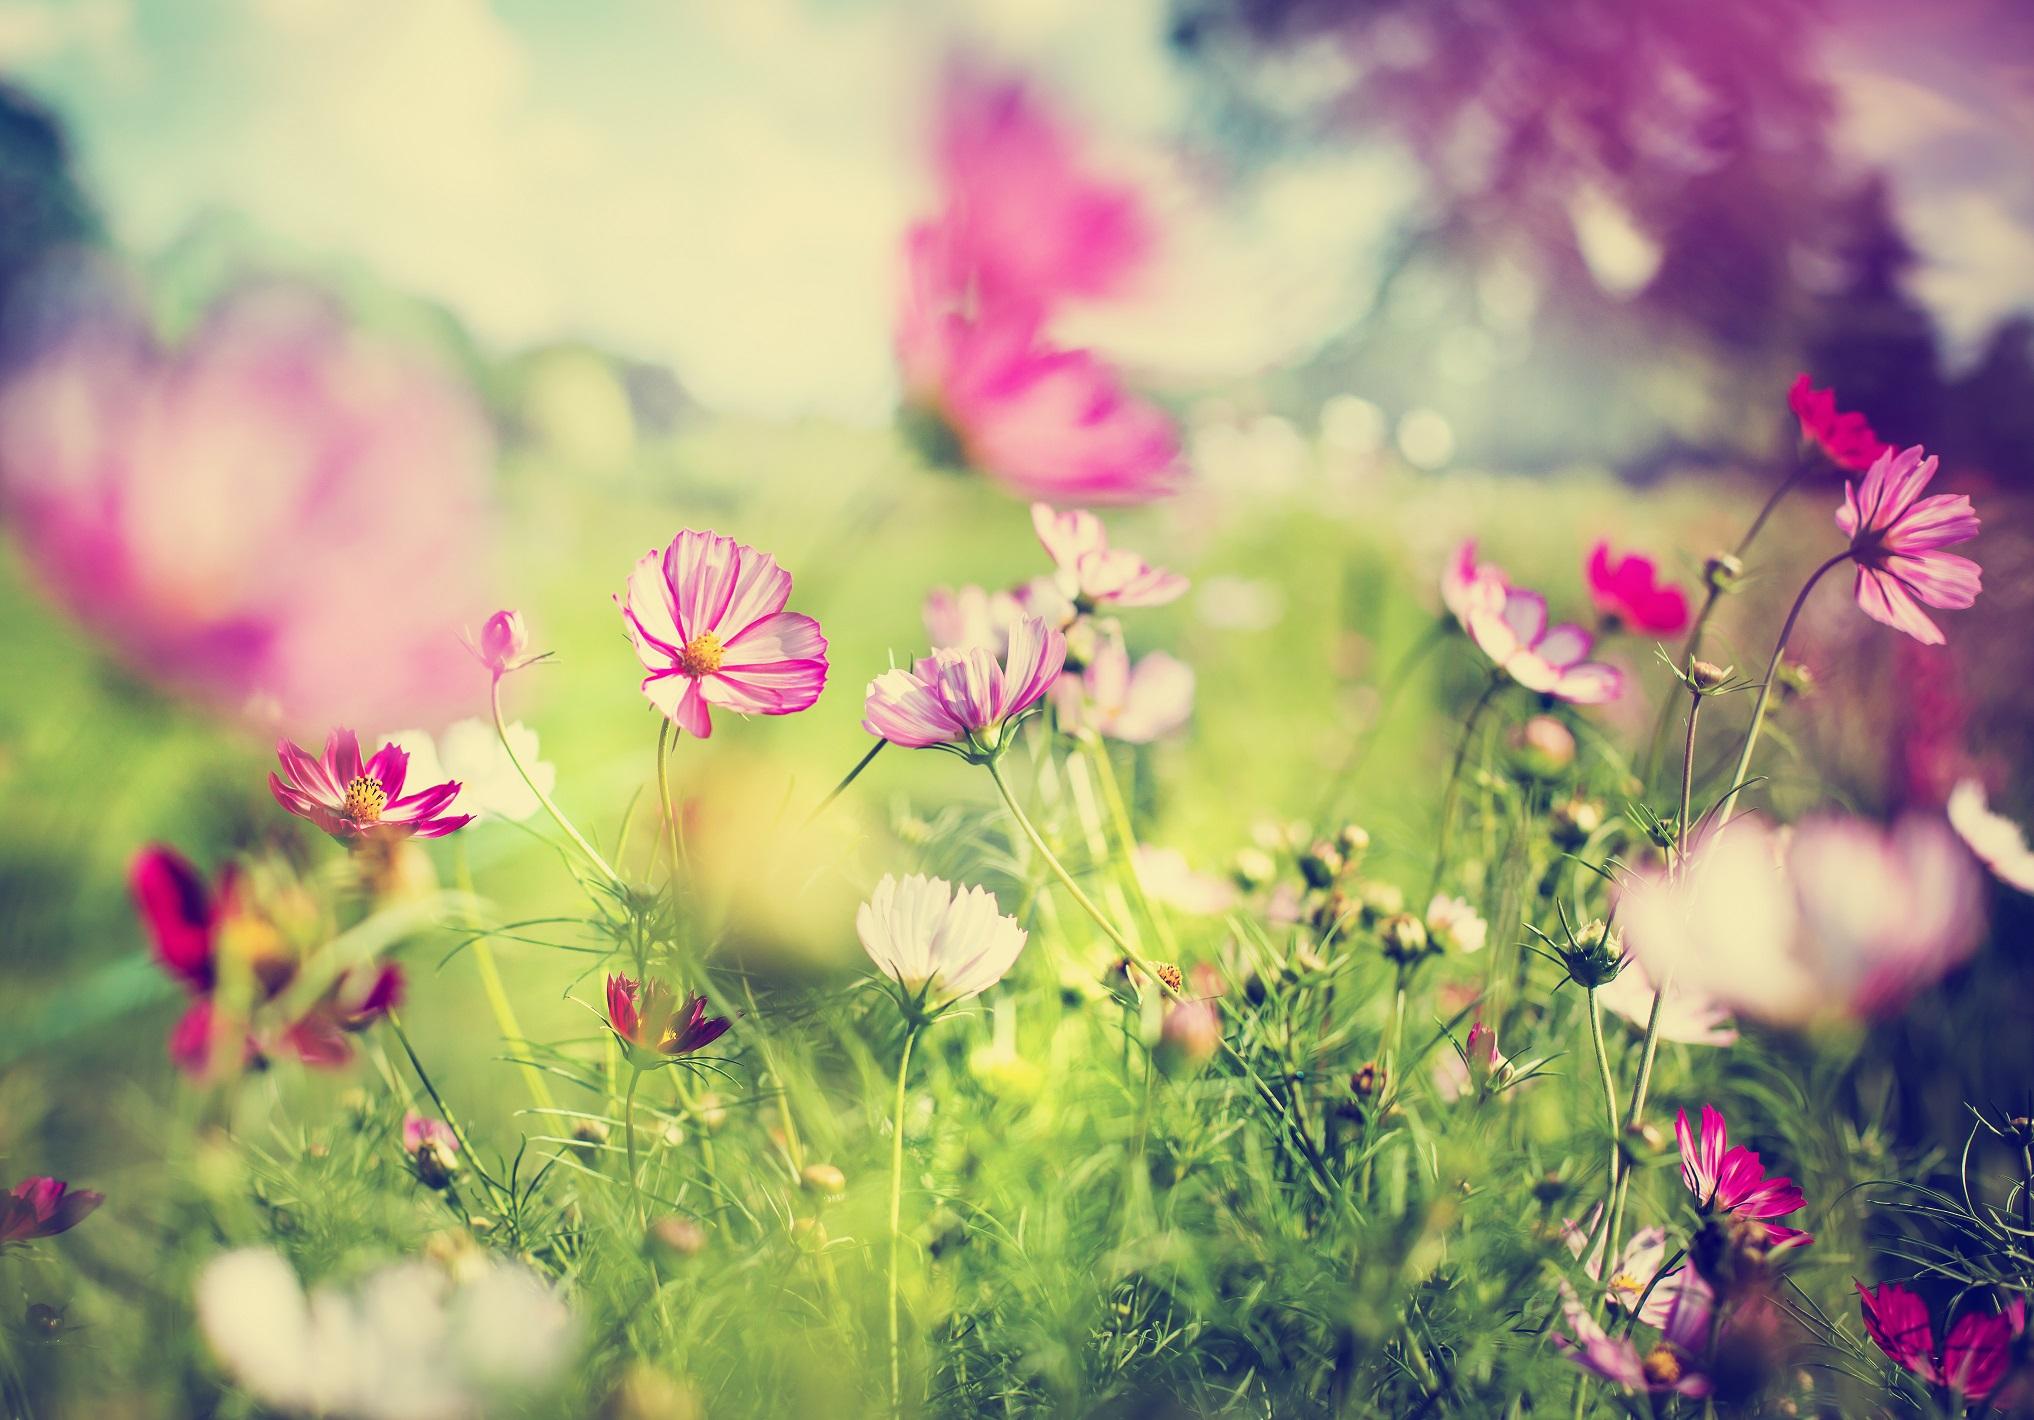 9_Wiosenna alergia - jak sobie pomóc